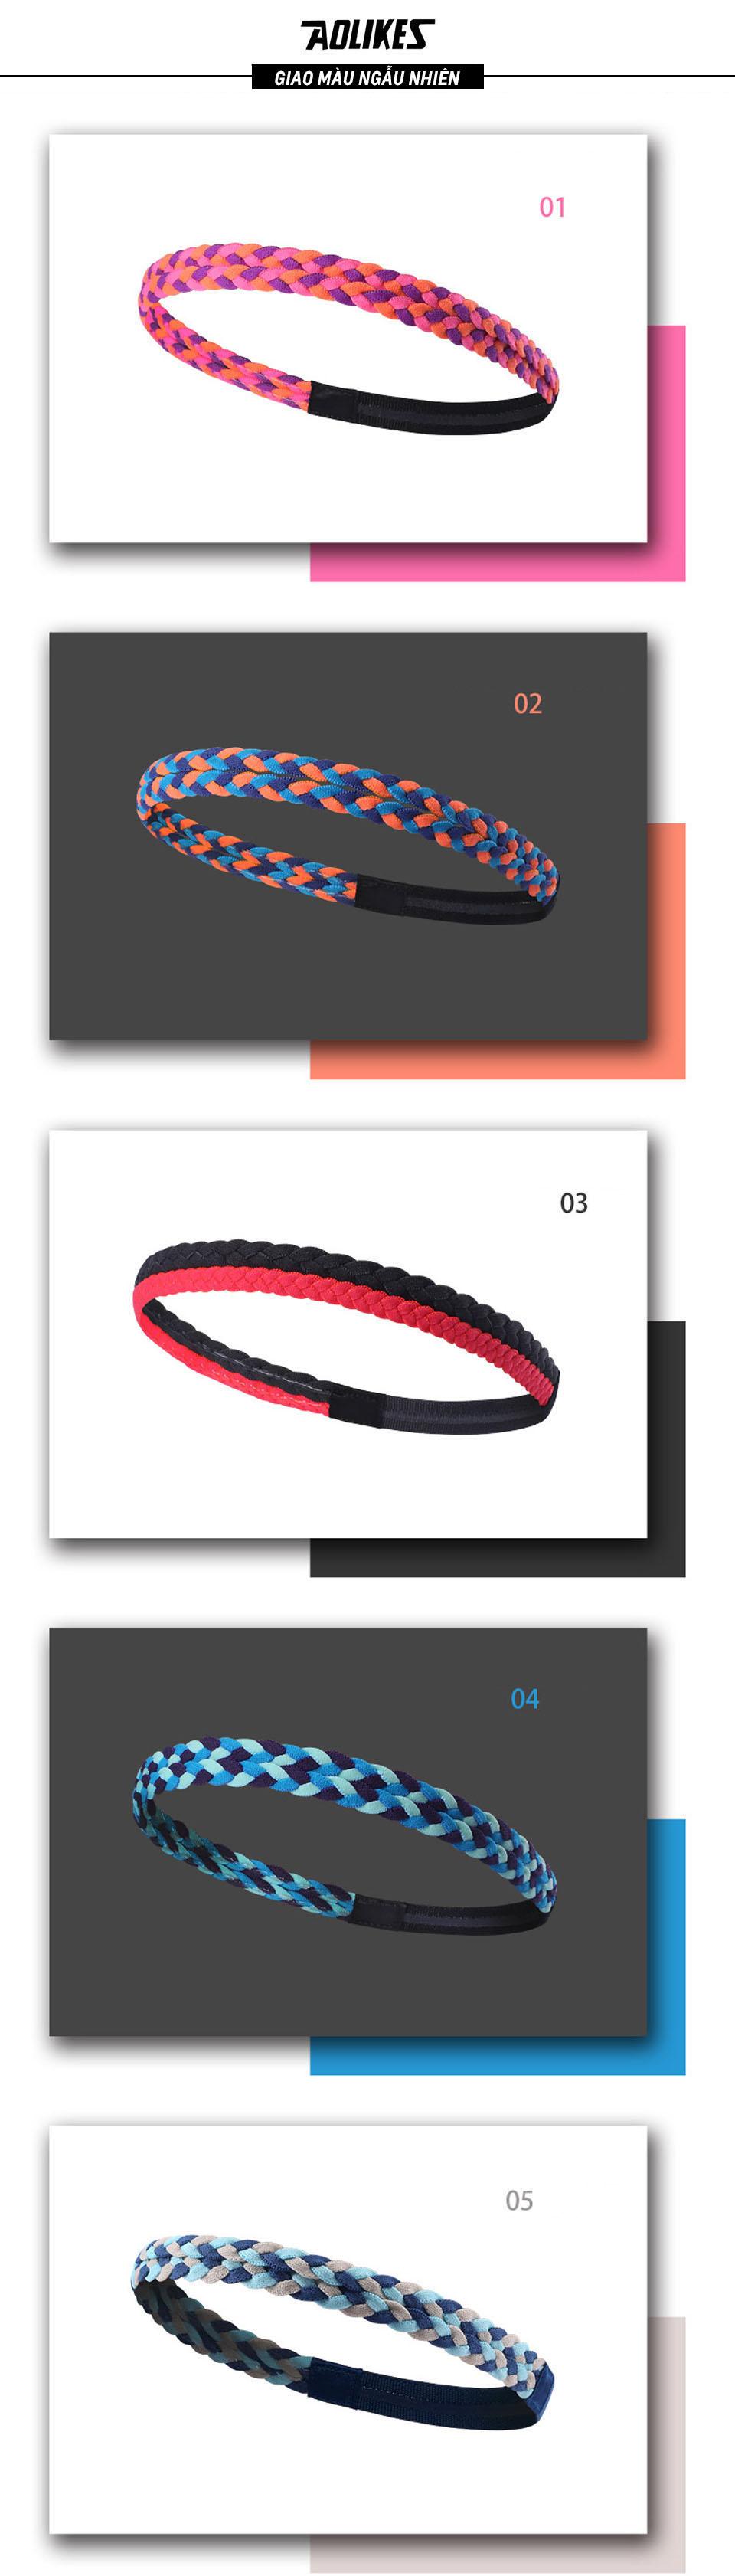 Sản phẩm băng trán thể thao Aolikes AL2102 đầu thể thao có đa dạng màu sắc cho bạn lựa chọn